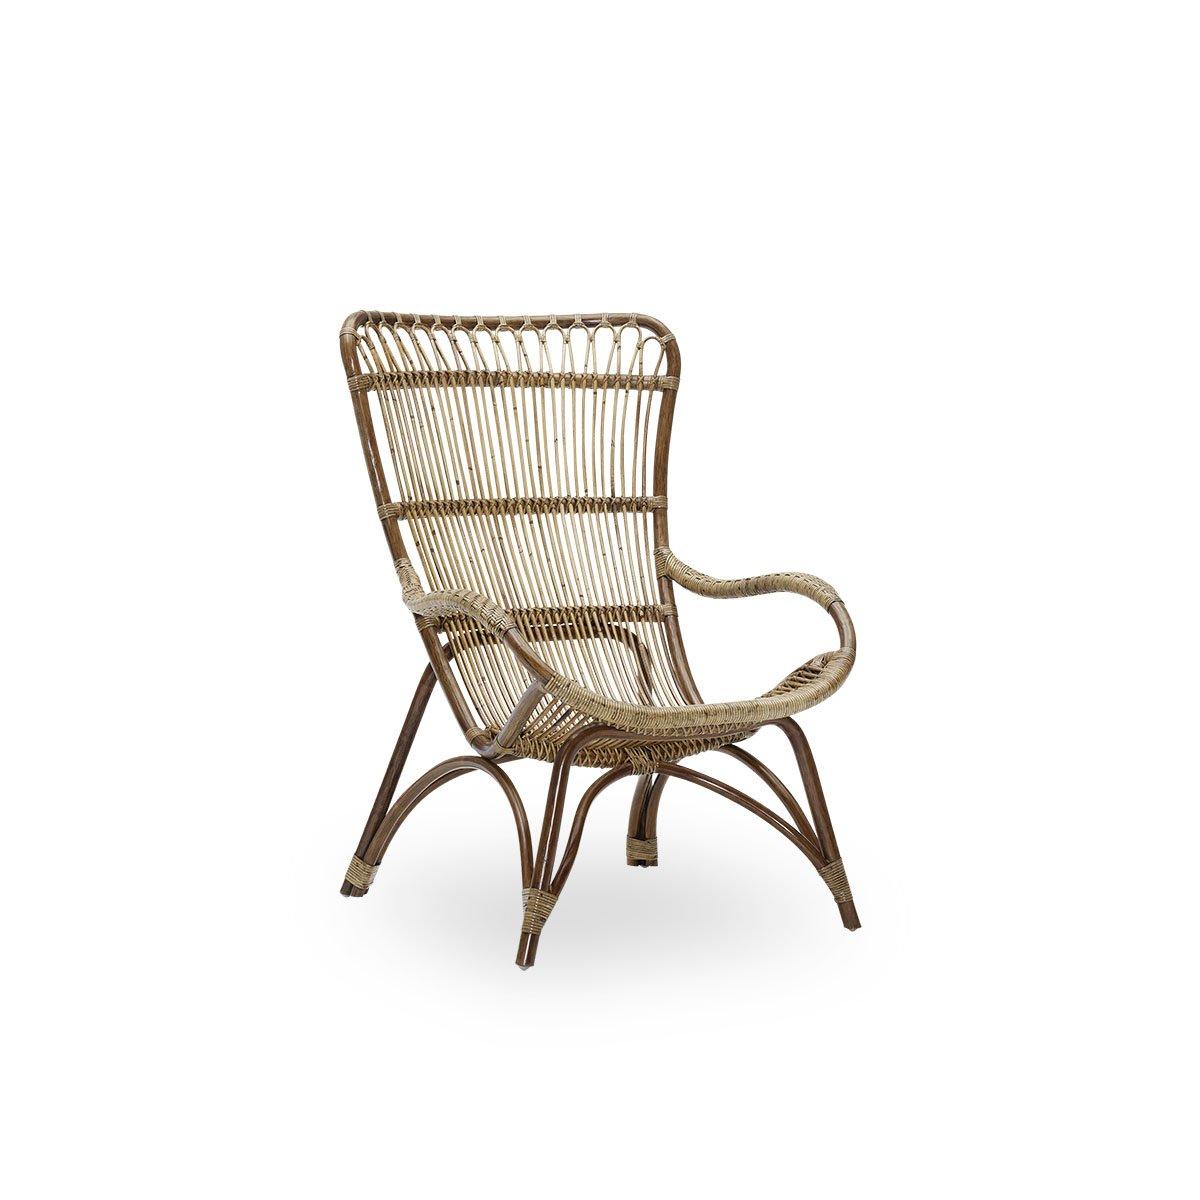 Sika Design Sessel Monet ohne Hocker Antik Braun